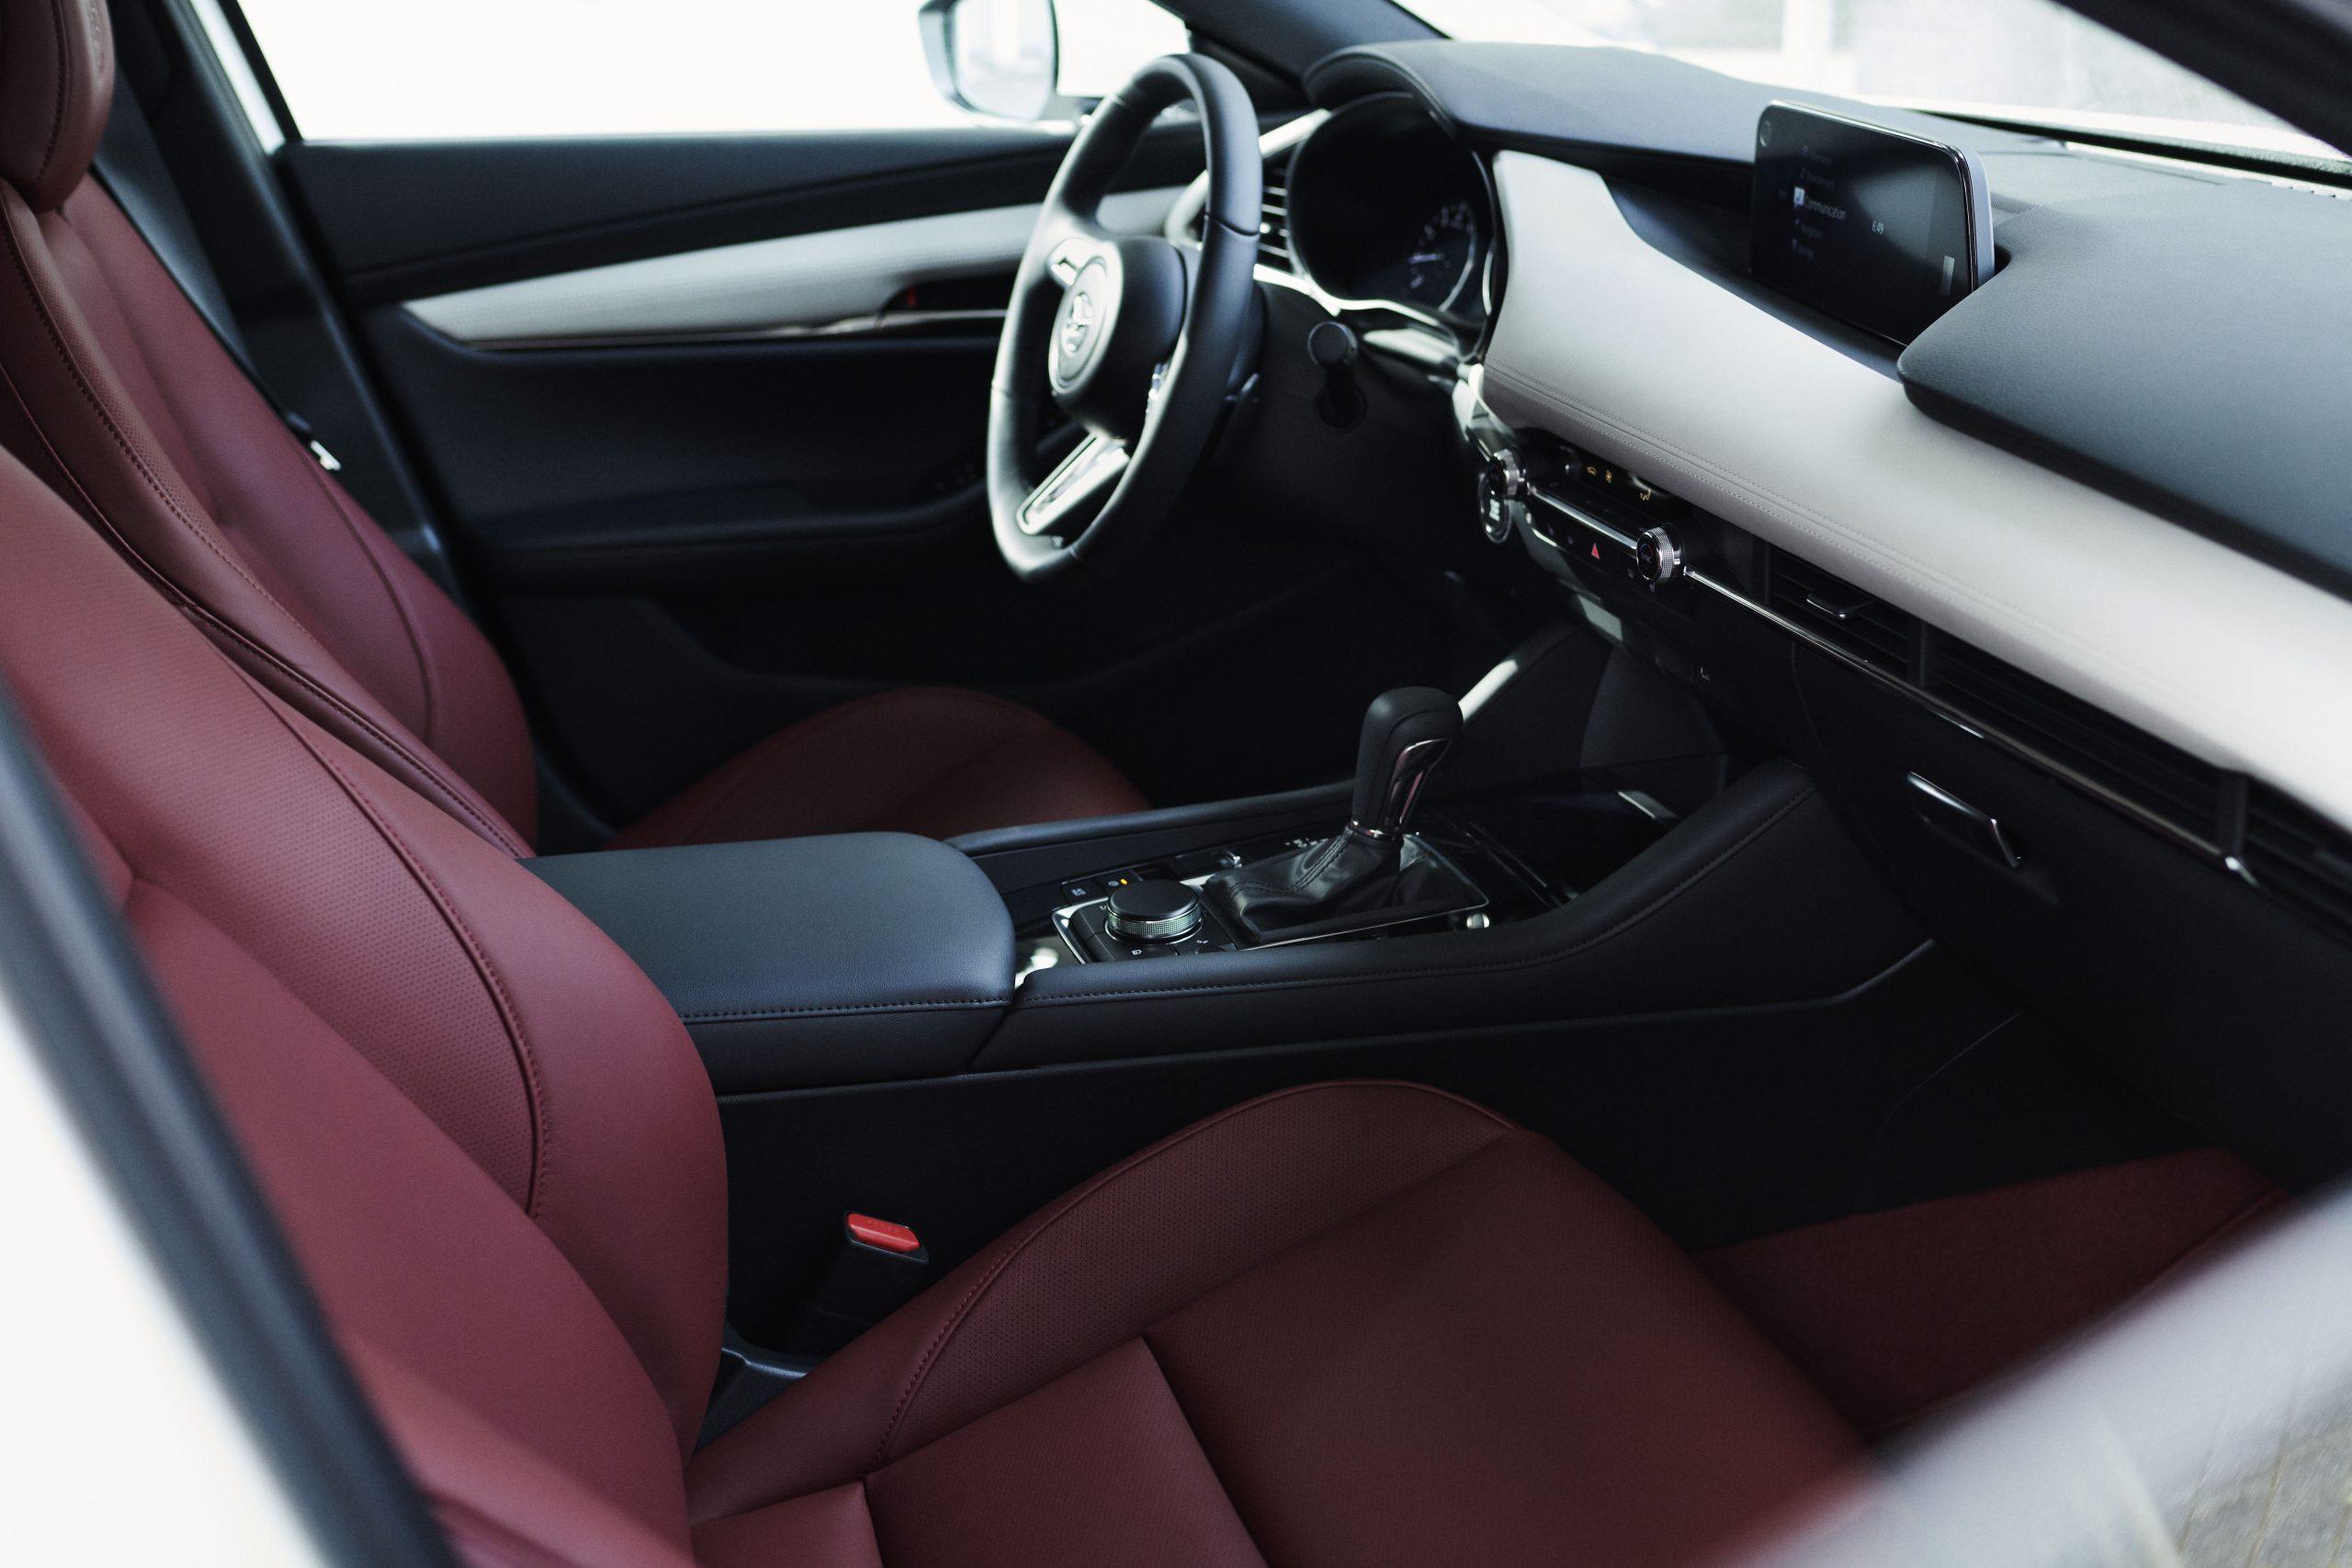 Mazda's 100th Anniversary Mazda3 interior